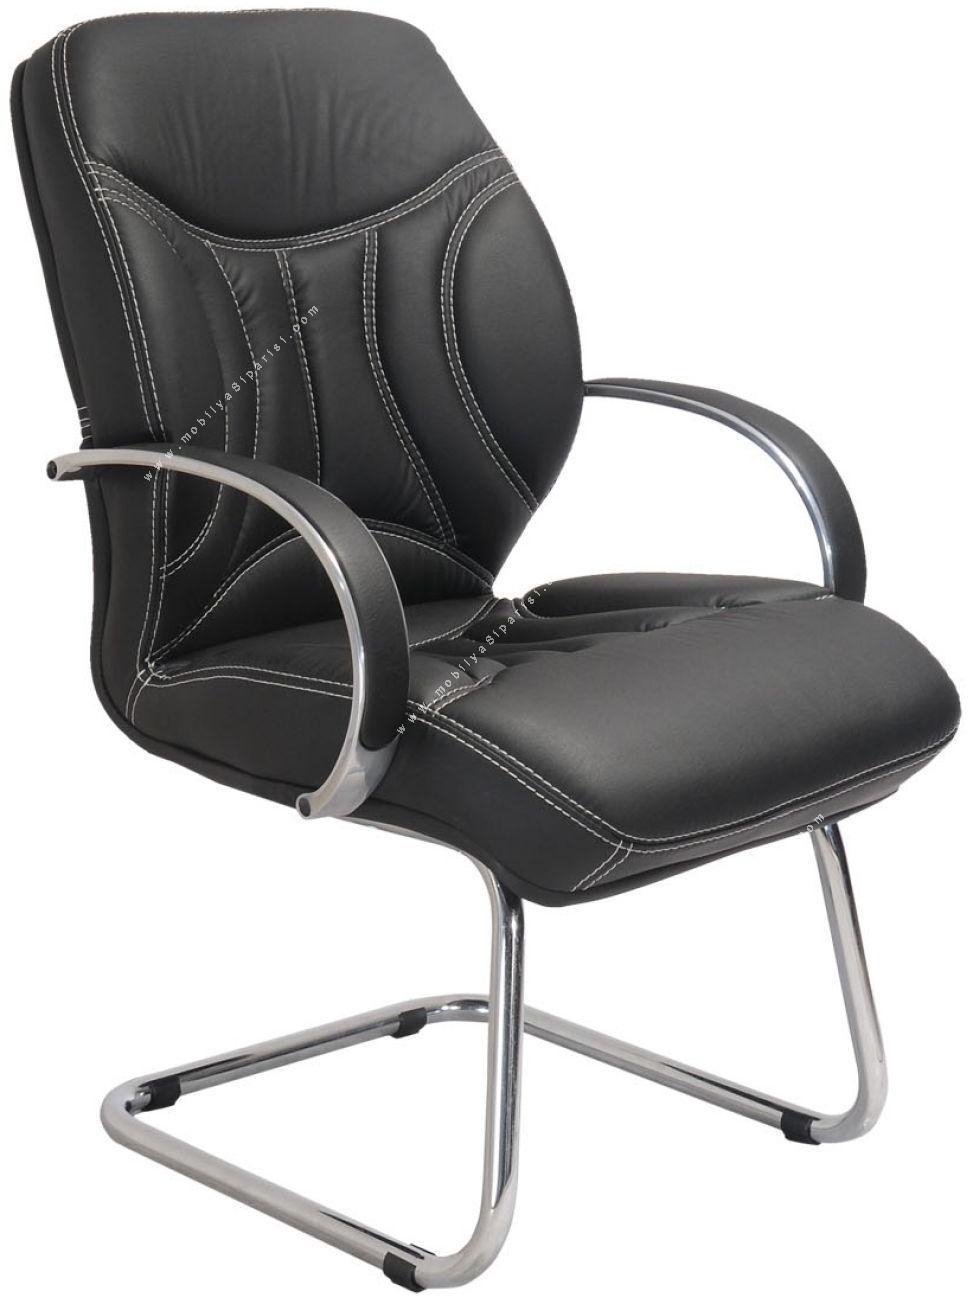 bolero sabit u ayaklı misafir koltuğu